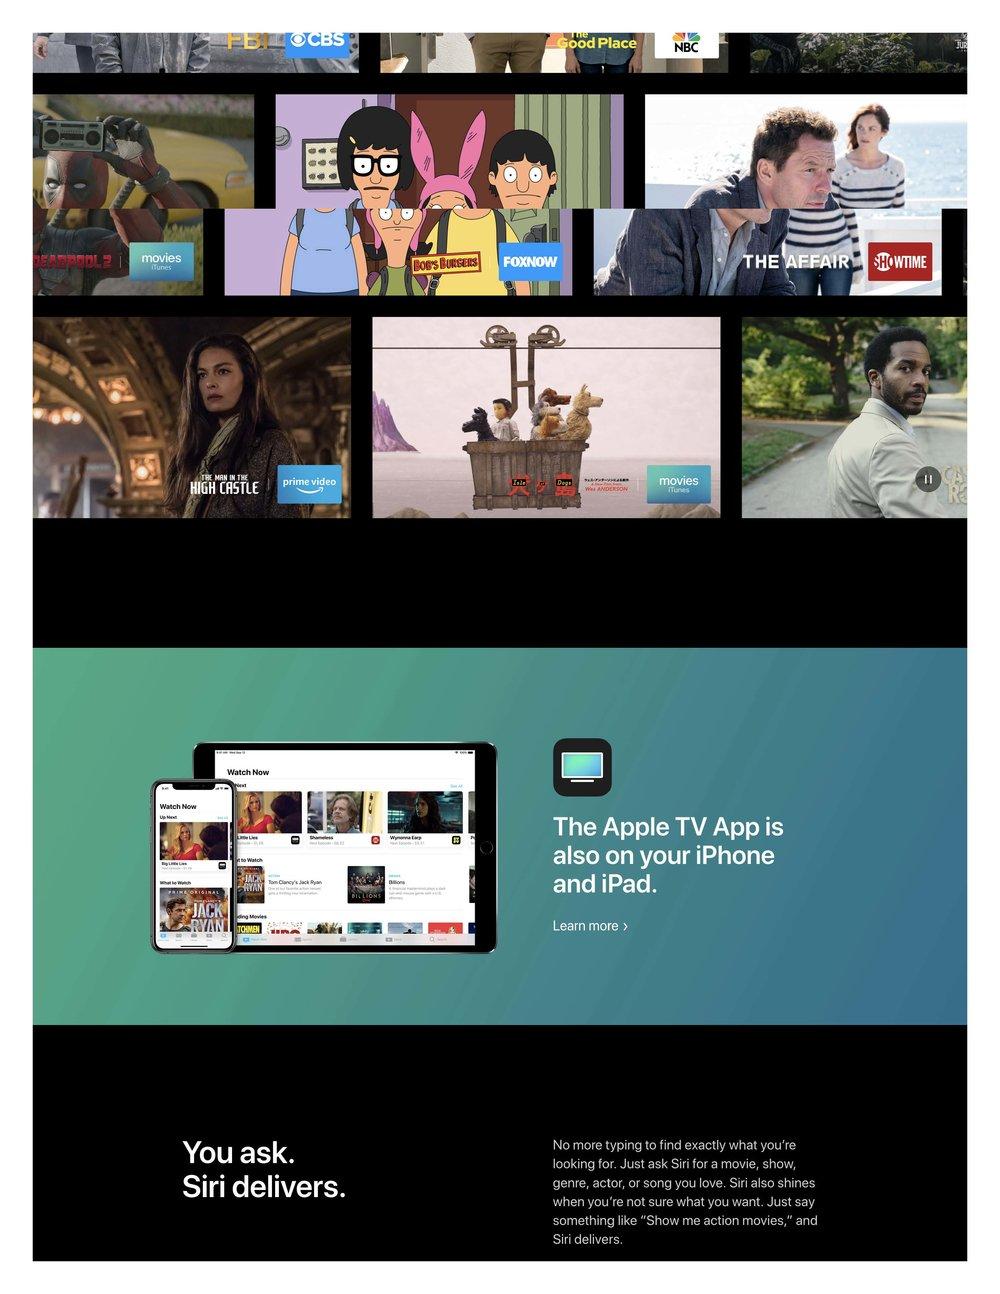 screencapture-apple-apple-tv-4k-2019-03-10-11_23_26_Page_06.jpg